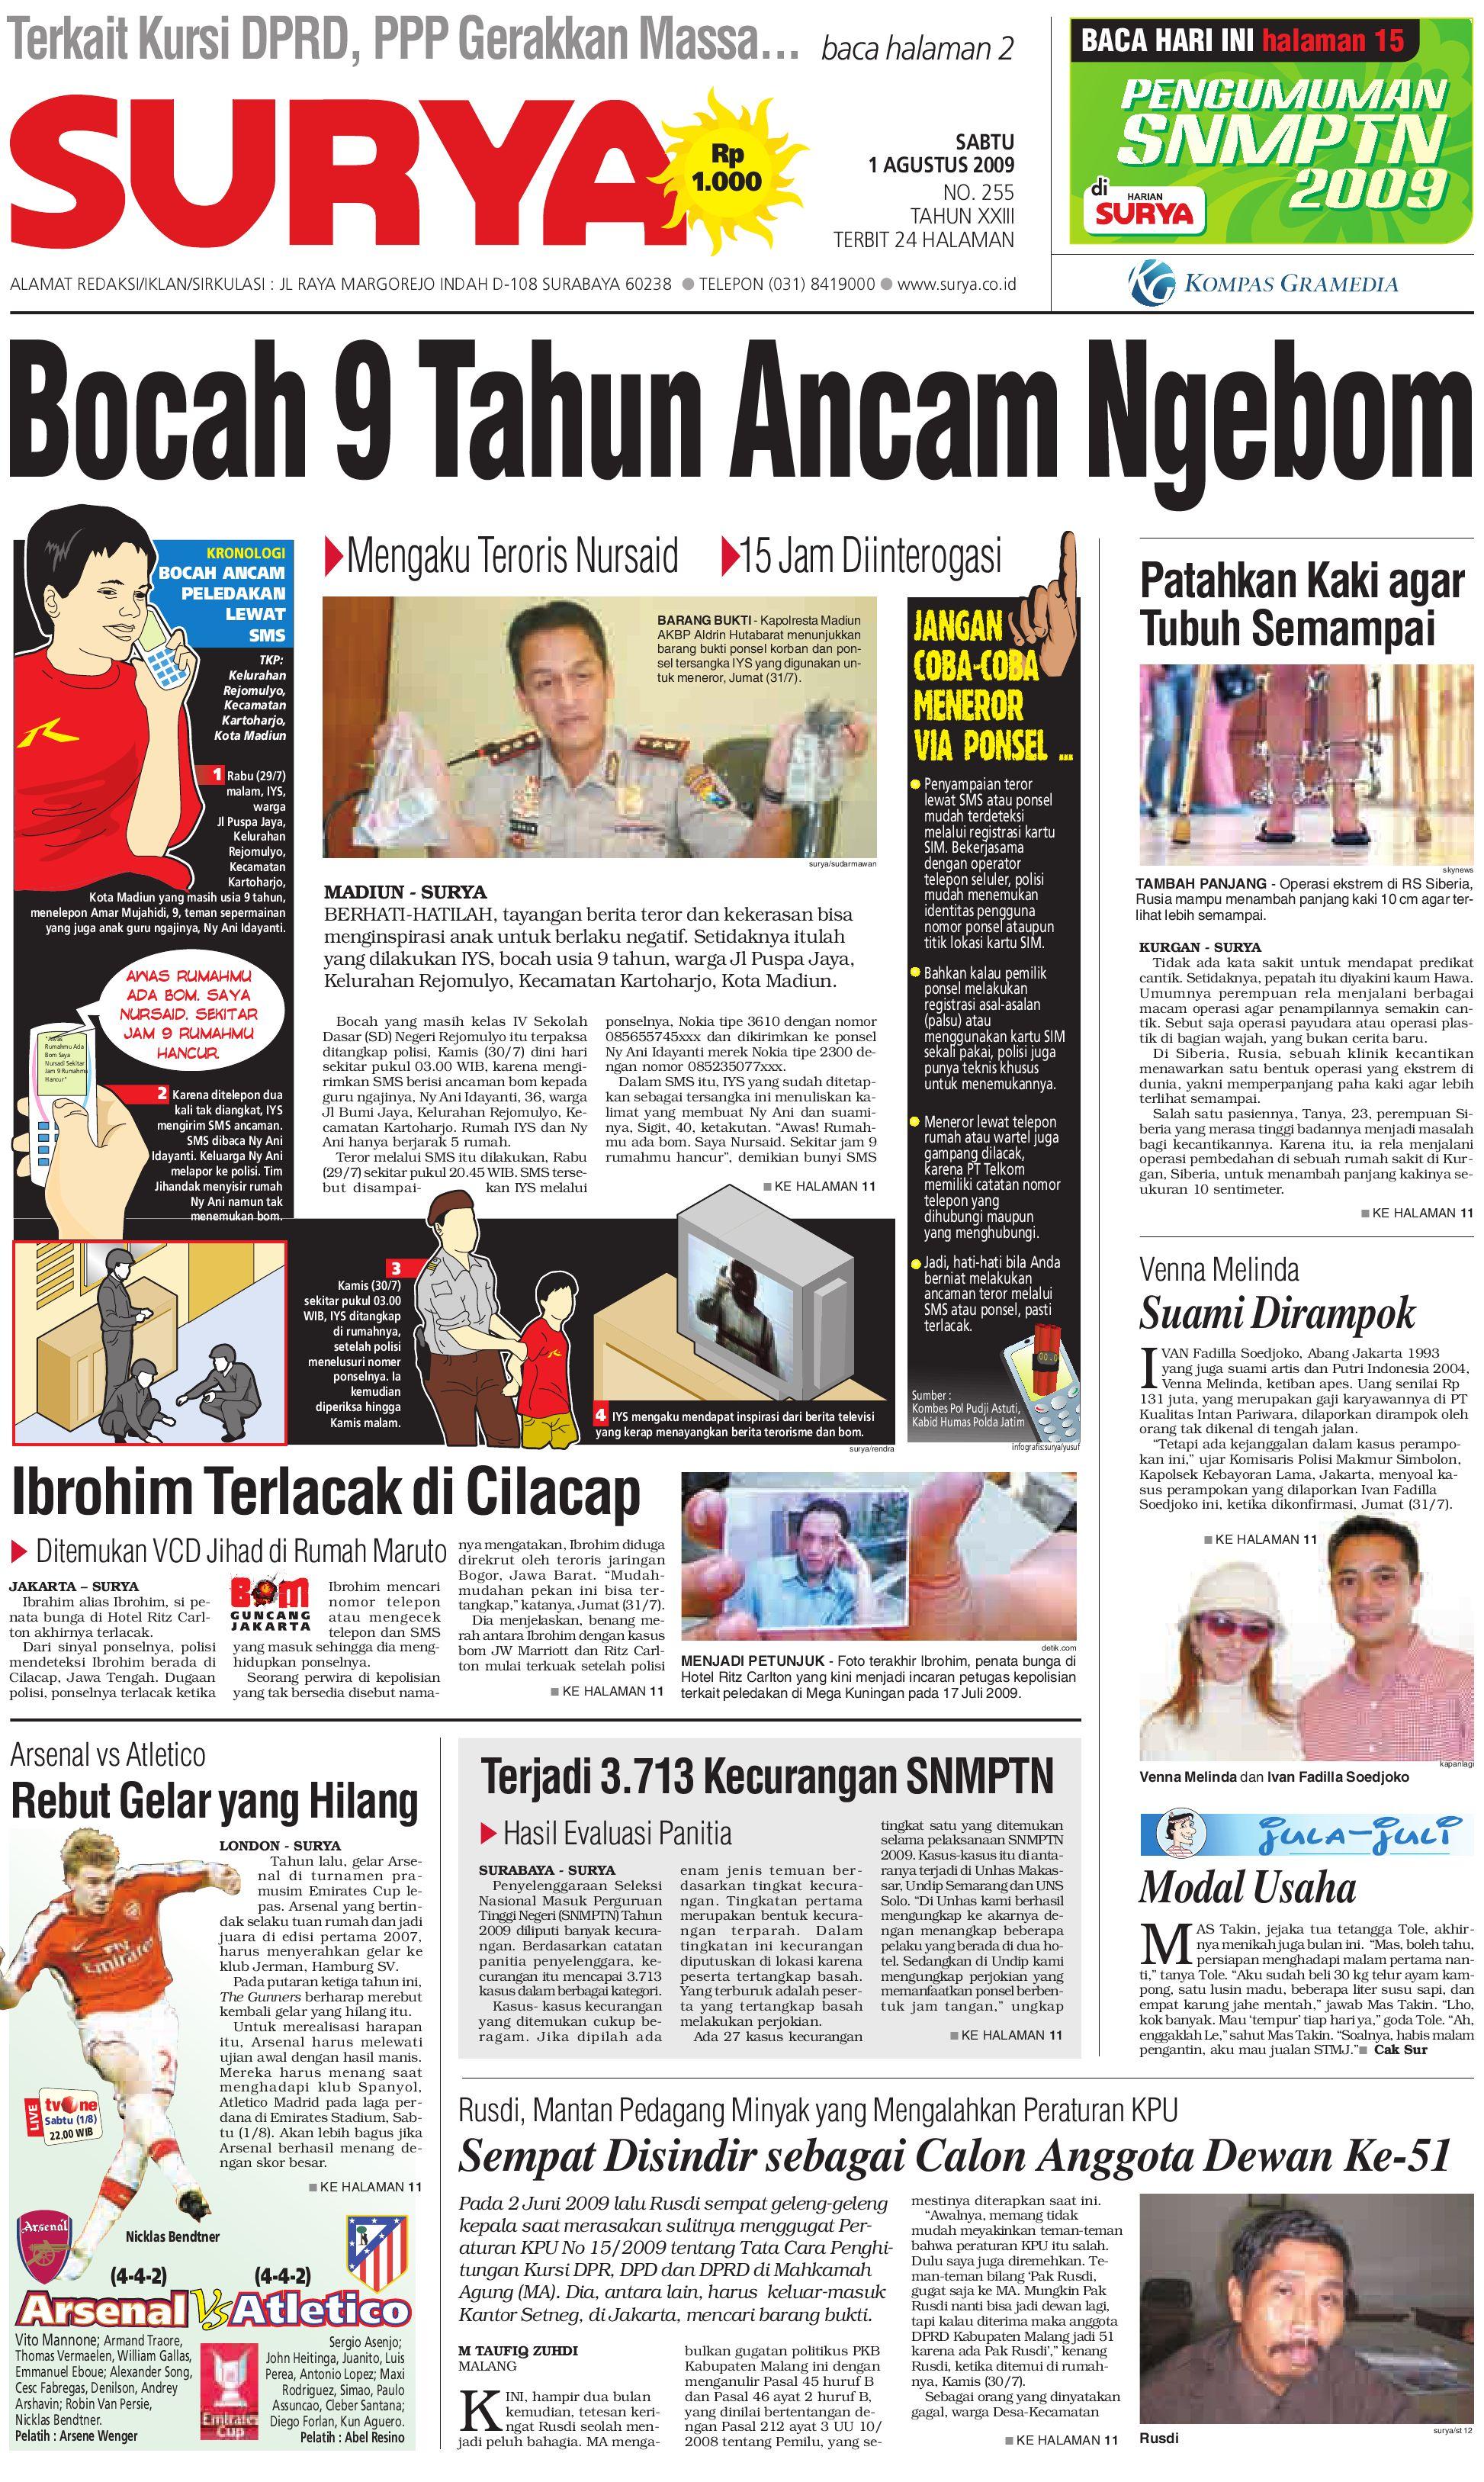 Andria Zammi surya edisi cetak 1 juli 2009harian surya - issuu